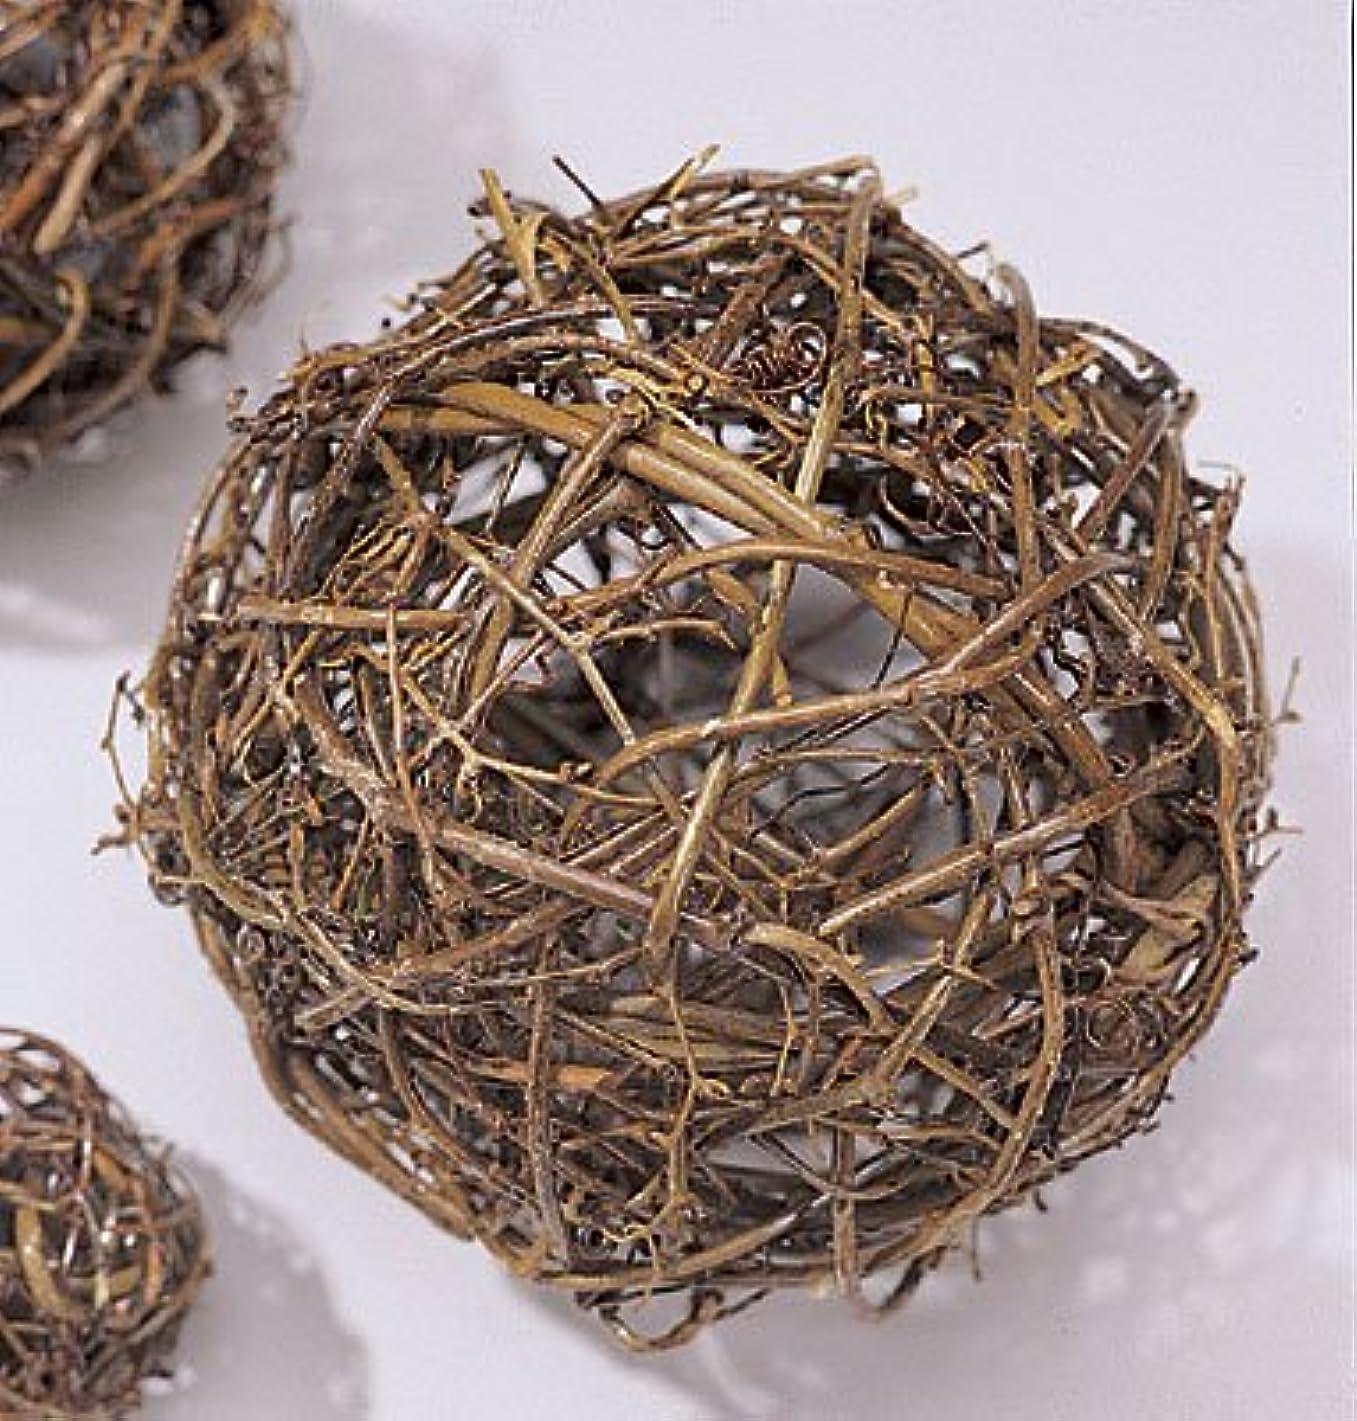 盗難歴史家単に自然Grapevineトピアリーボール6、8、10、12、16、18、24、30、36インチサイズワイヤフレーム Single 30 inch ball